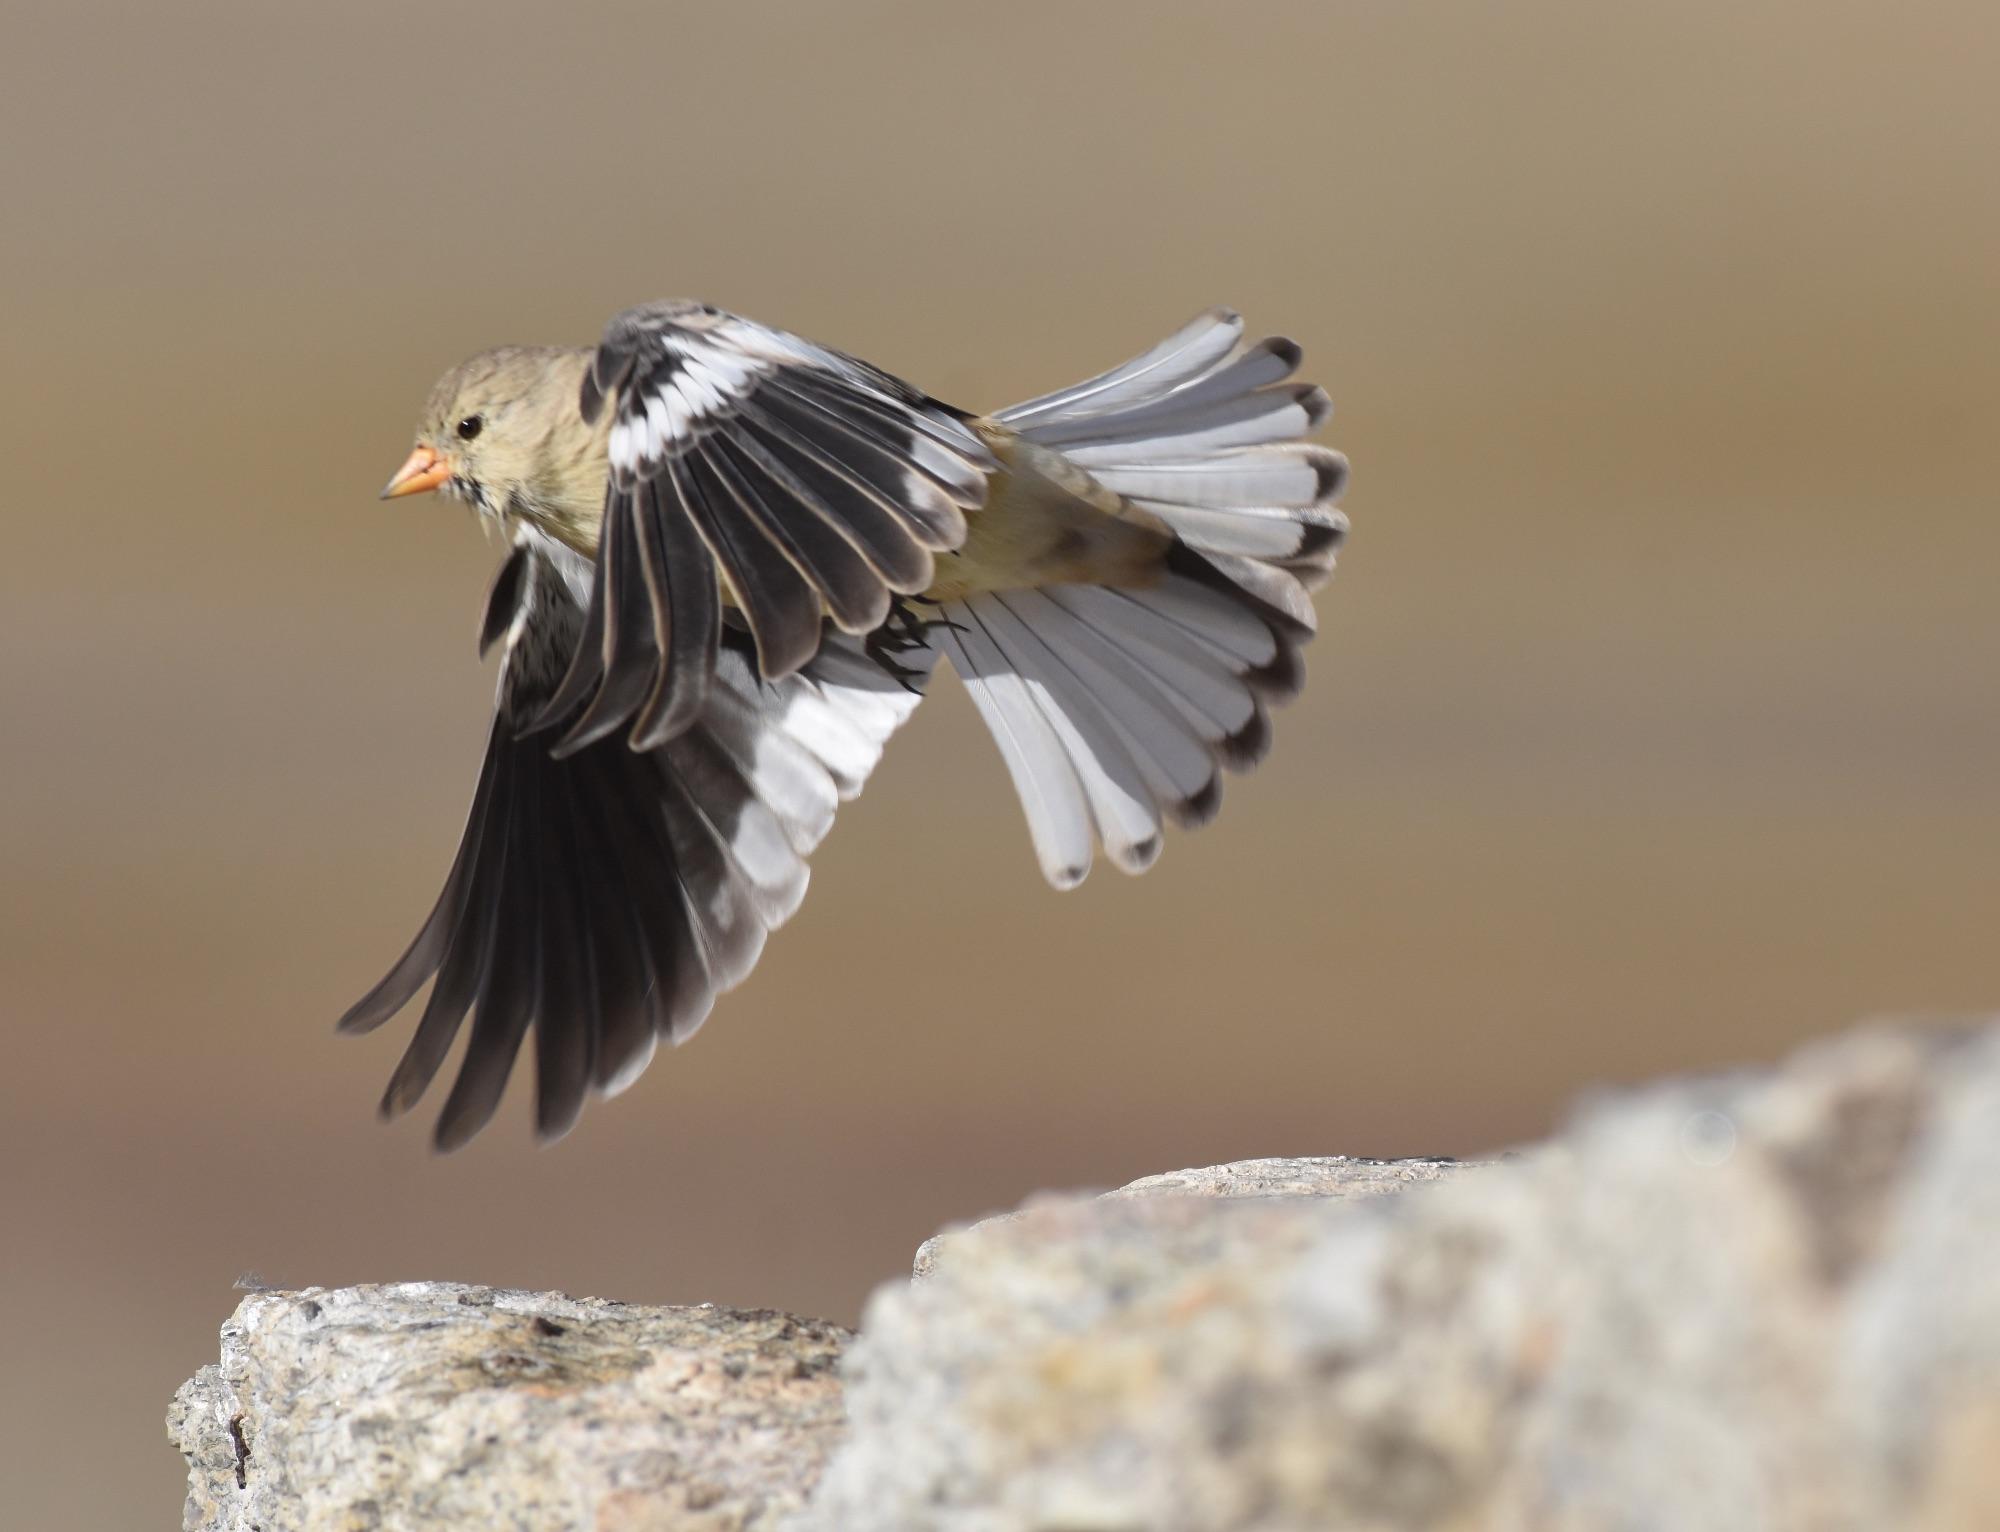 tibetan snowfinch